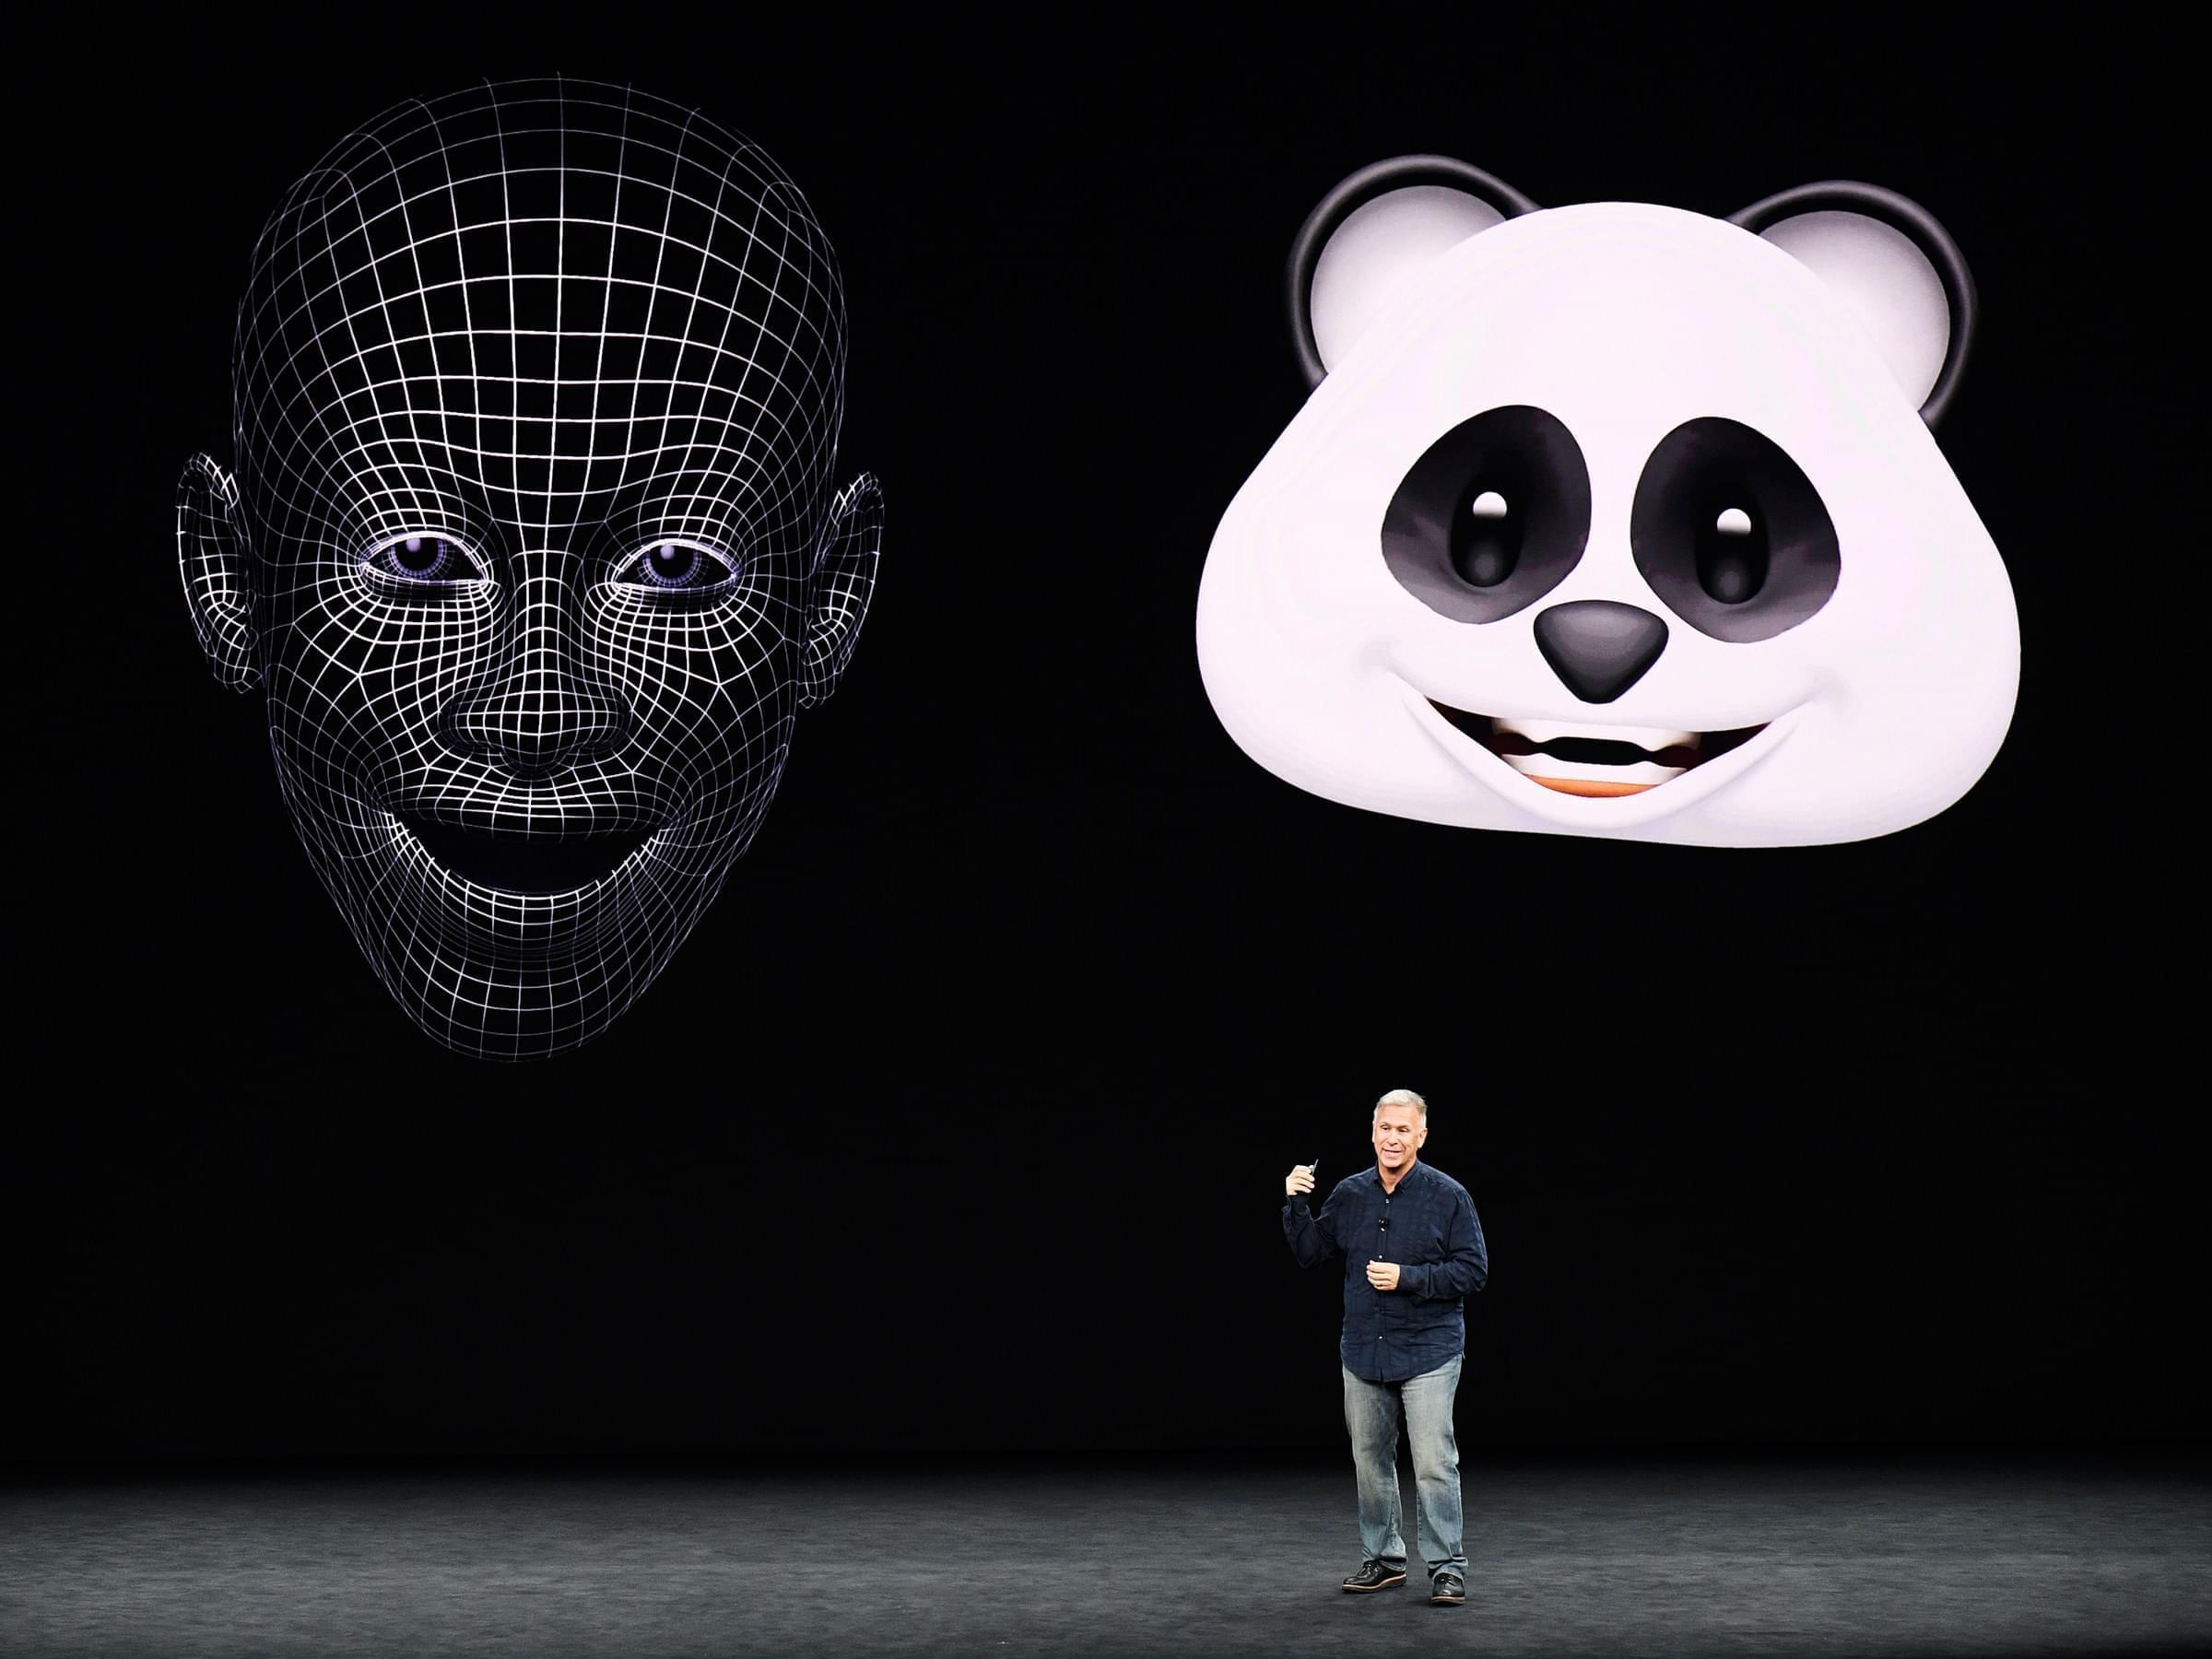 上世纪80年代就有的技术被Face ID玩出新花样